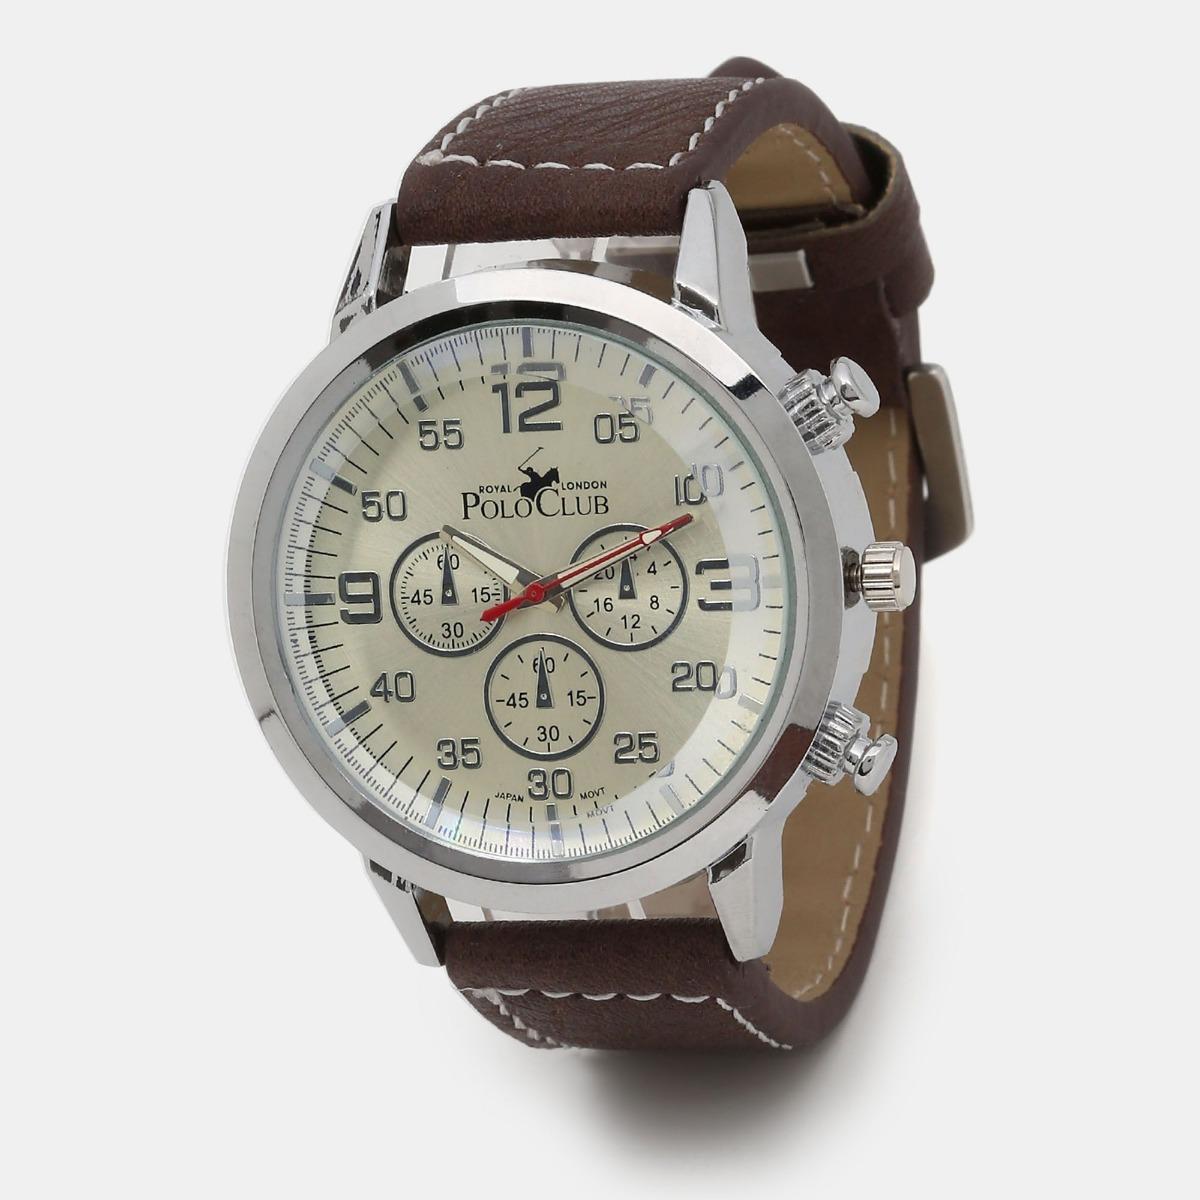 0f90889c19f4 Reloj Hombre Mano Polo Club Caballero Cafe Rlpc2902a -   549.00 en ...